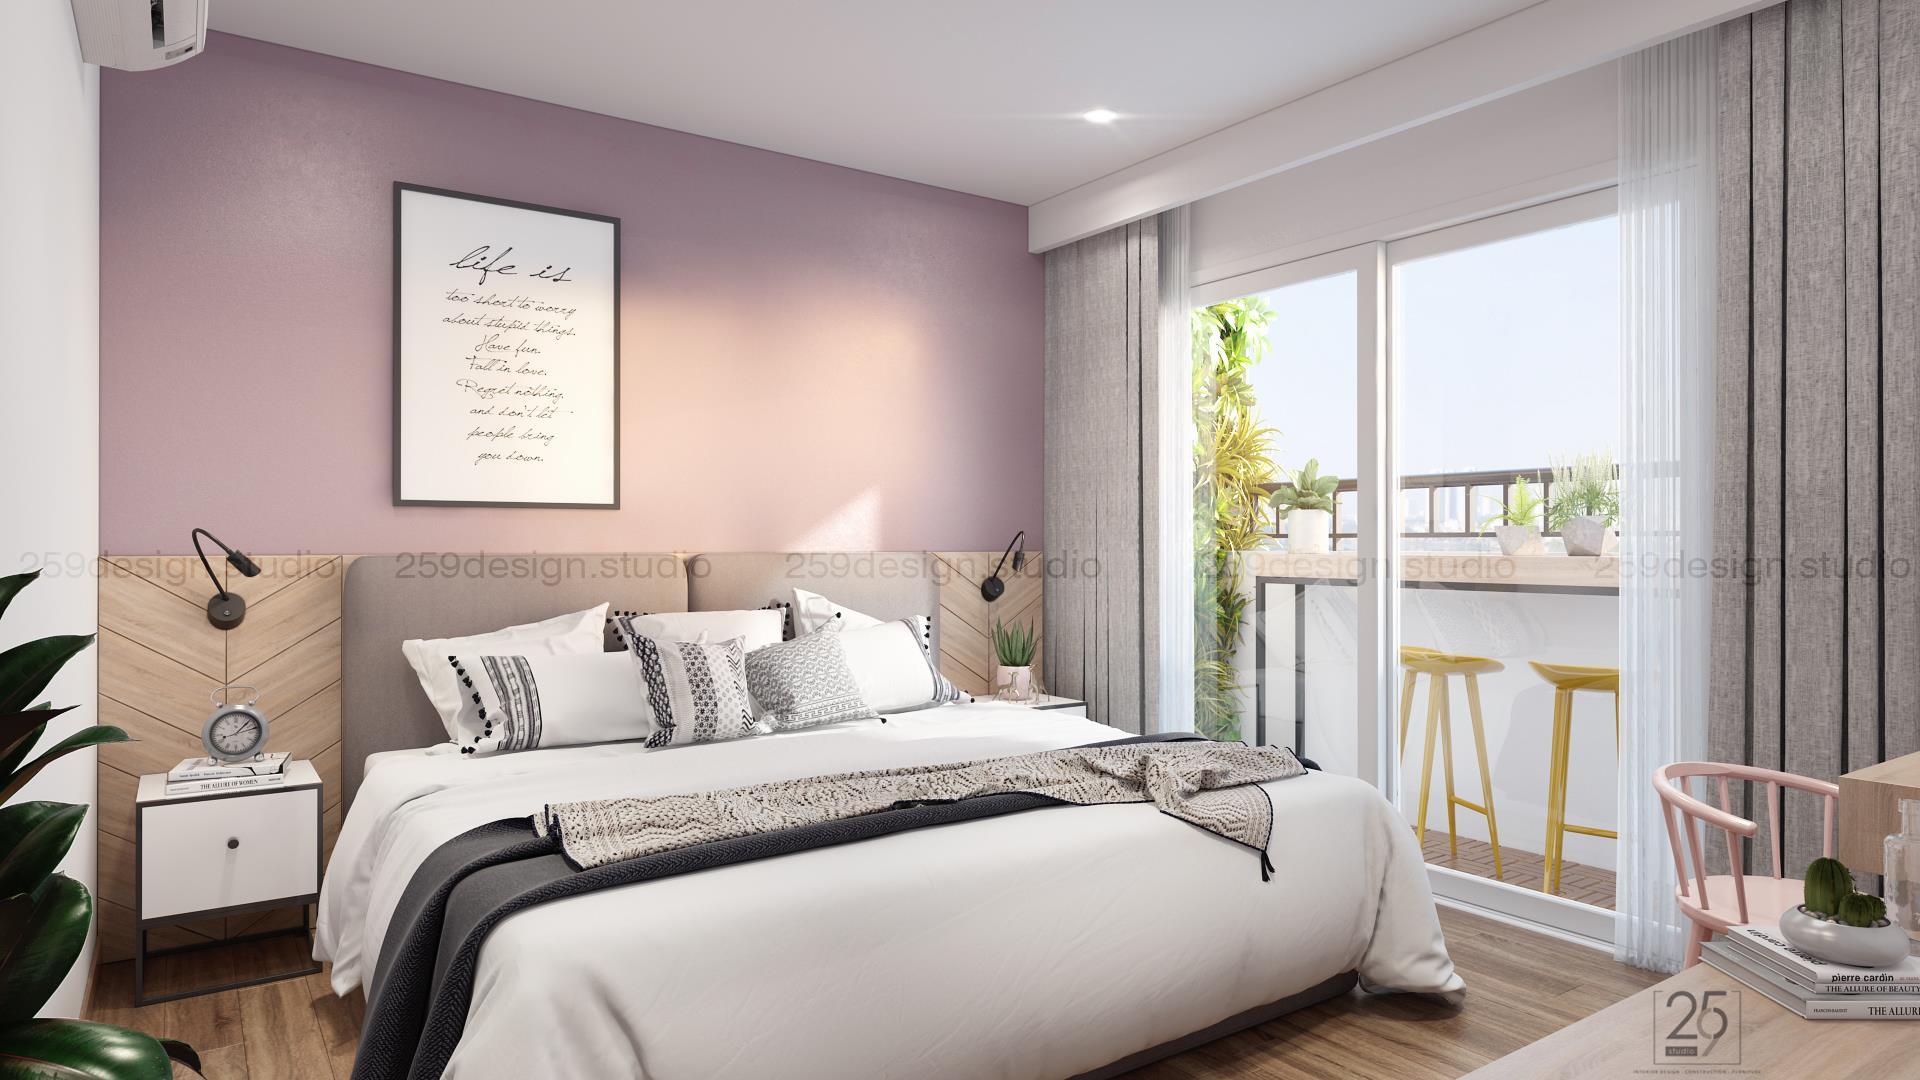 Mẫu thiết kế nội thất căn hộ đẹp với điểm nhấn màu pastel - Nhà Đẹp Số (9)